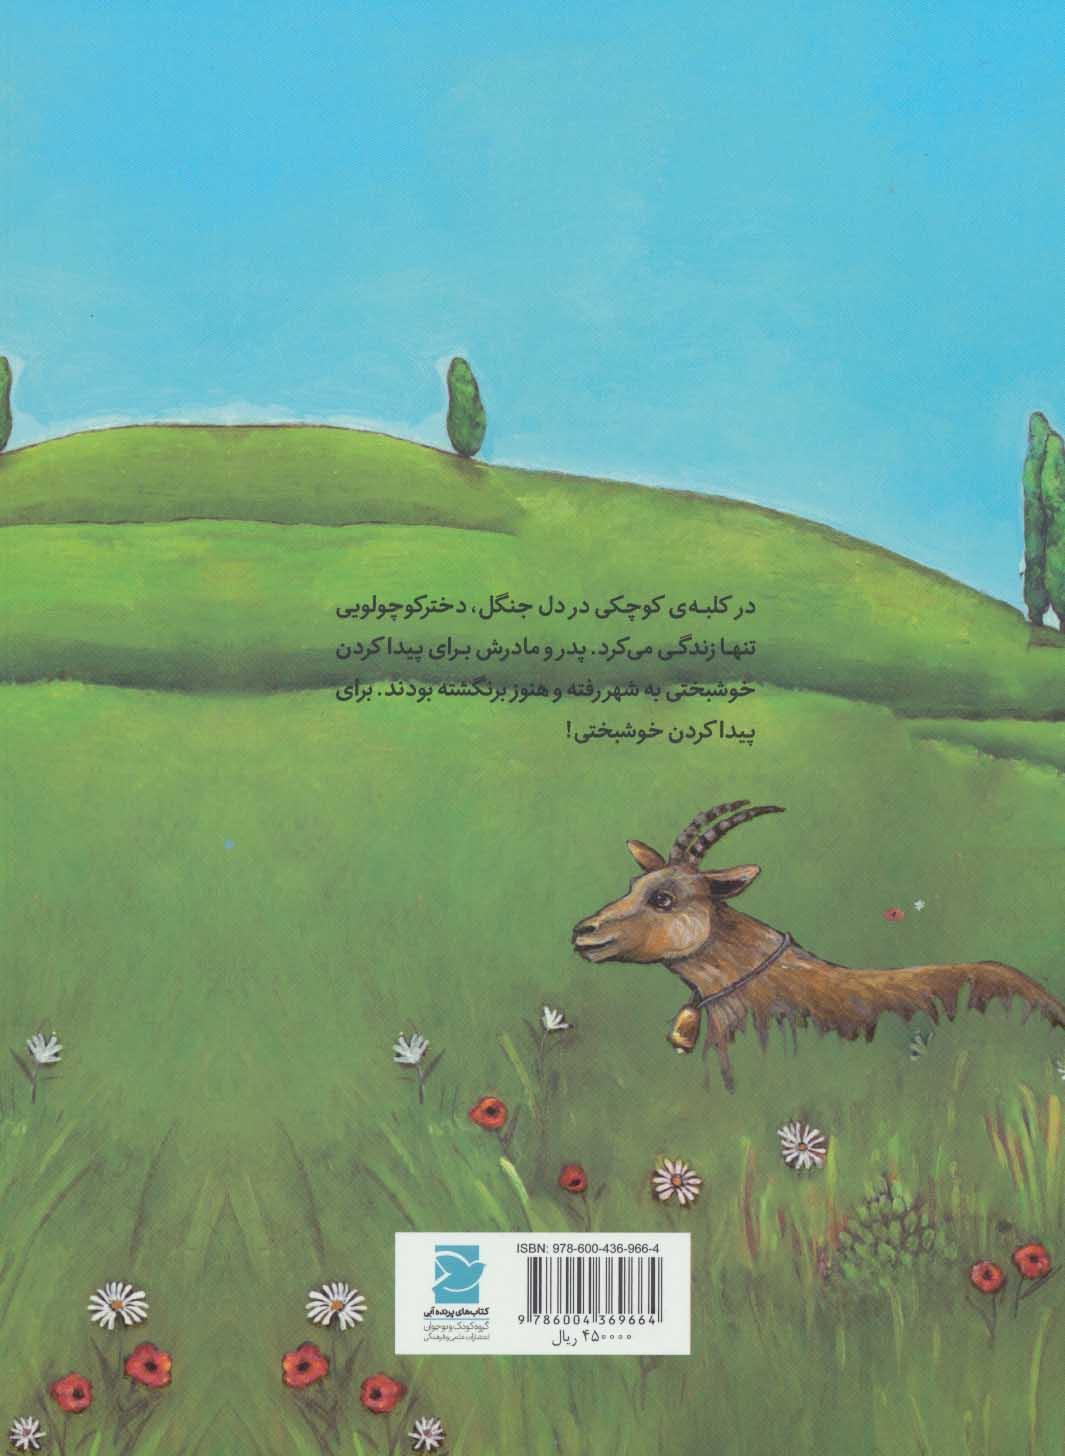 دختر کوچولو و خوشبختی (داستانی از ایتالیا،دنیا خانه ی من است)،(گلاسه)